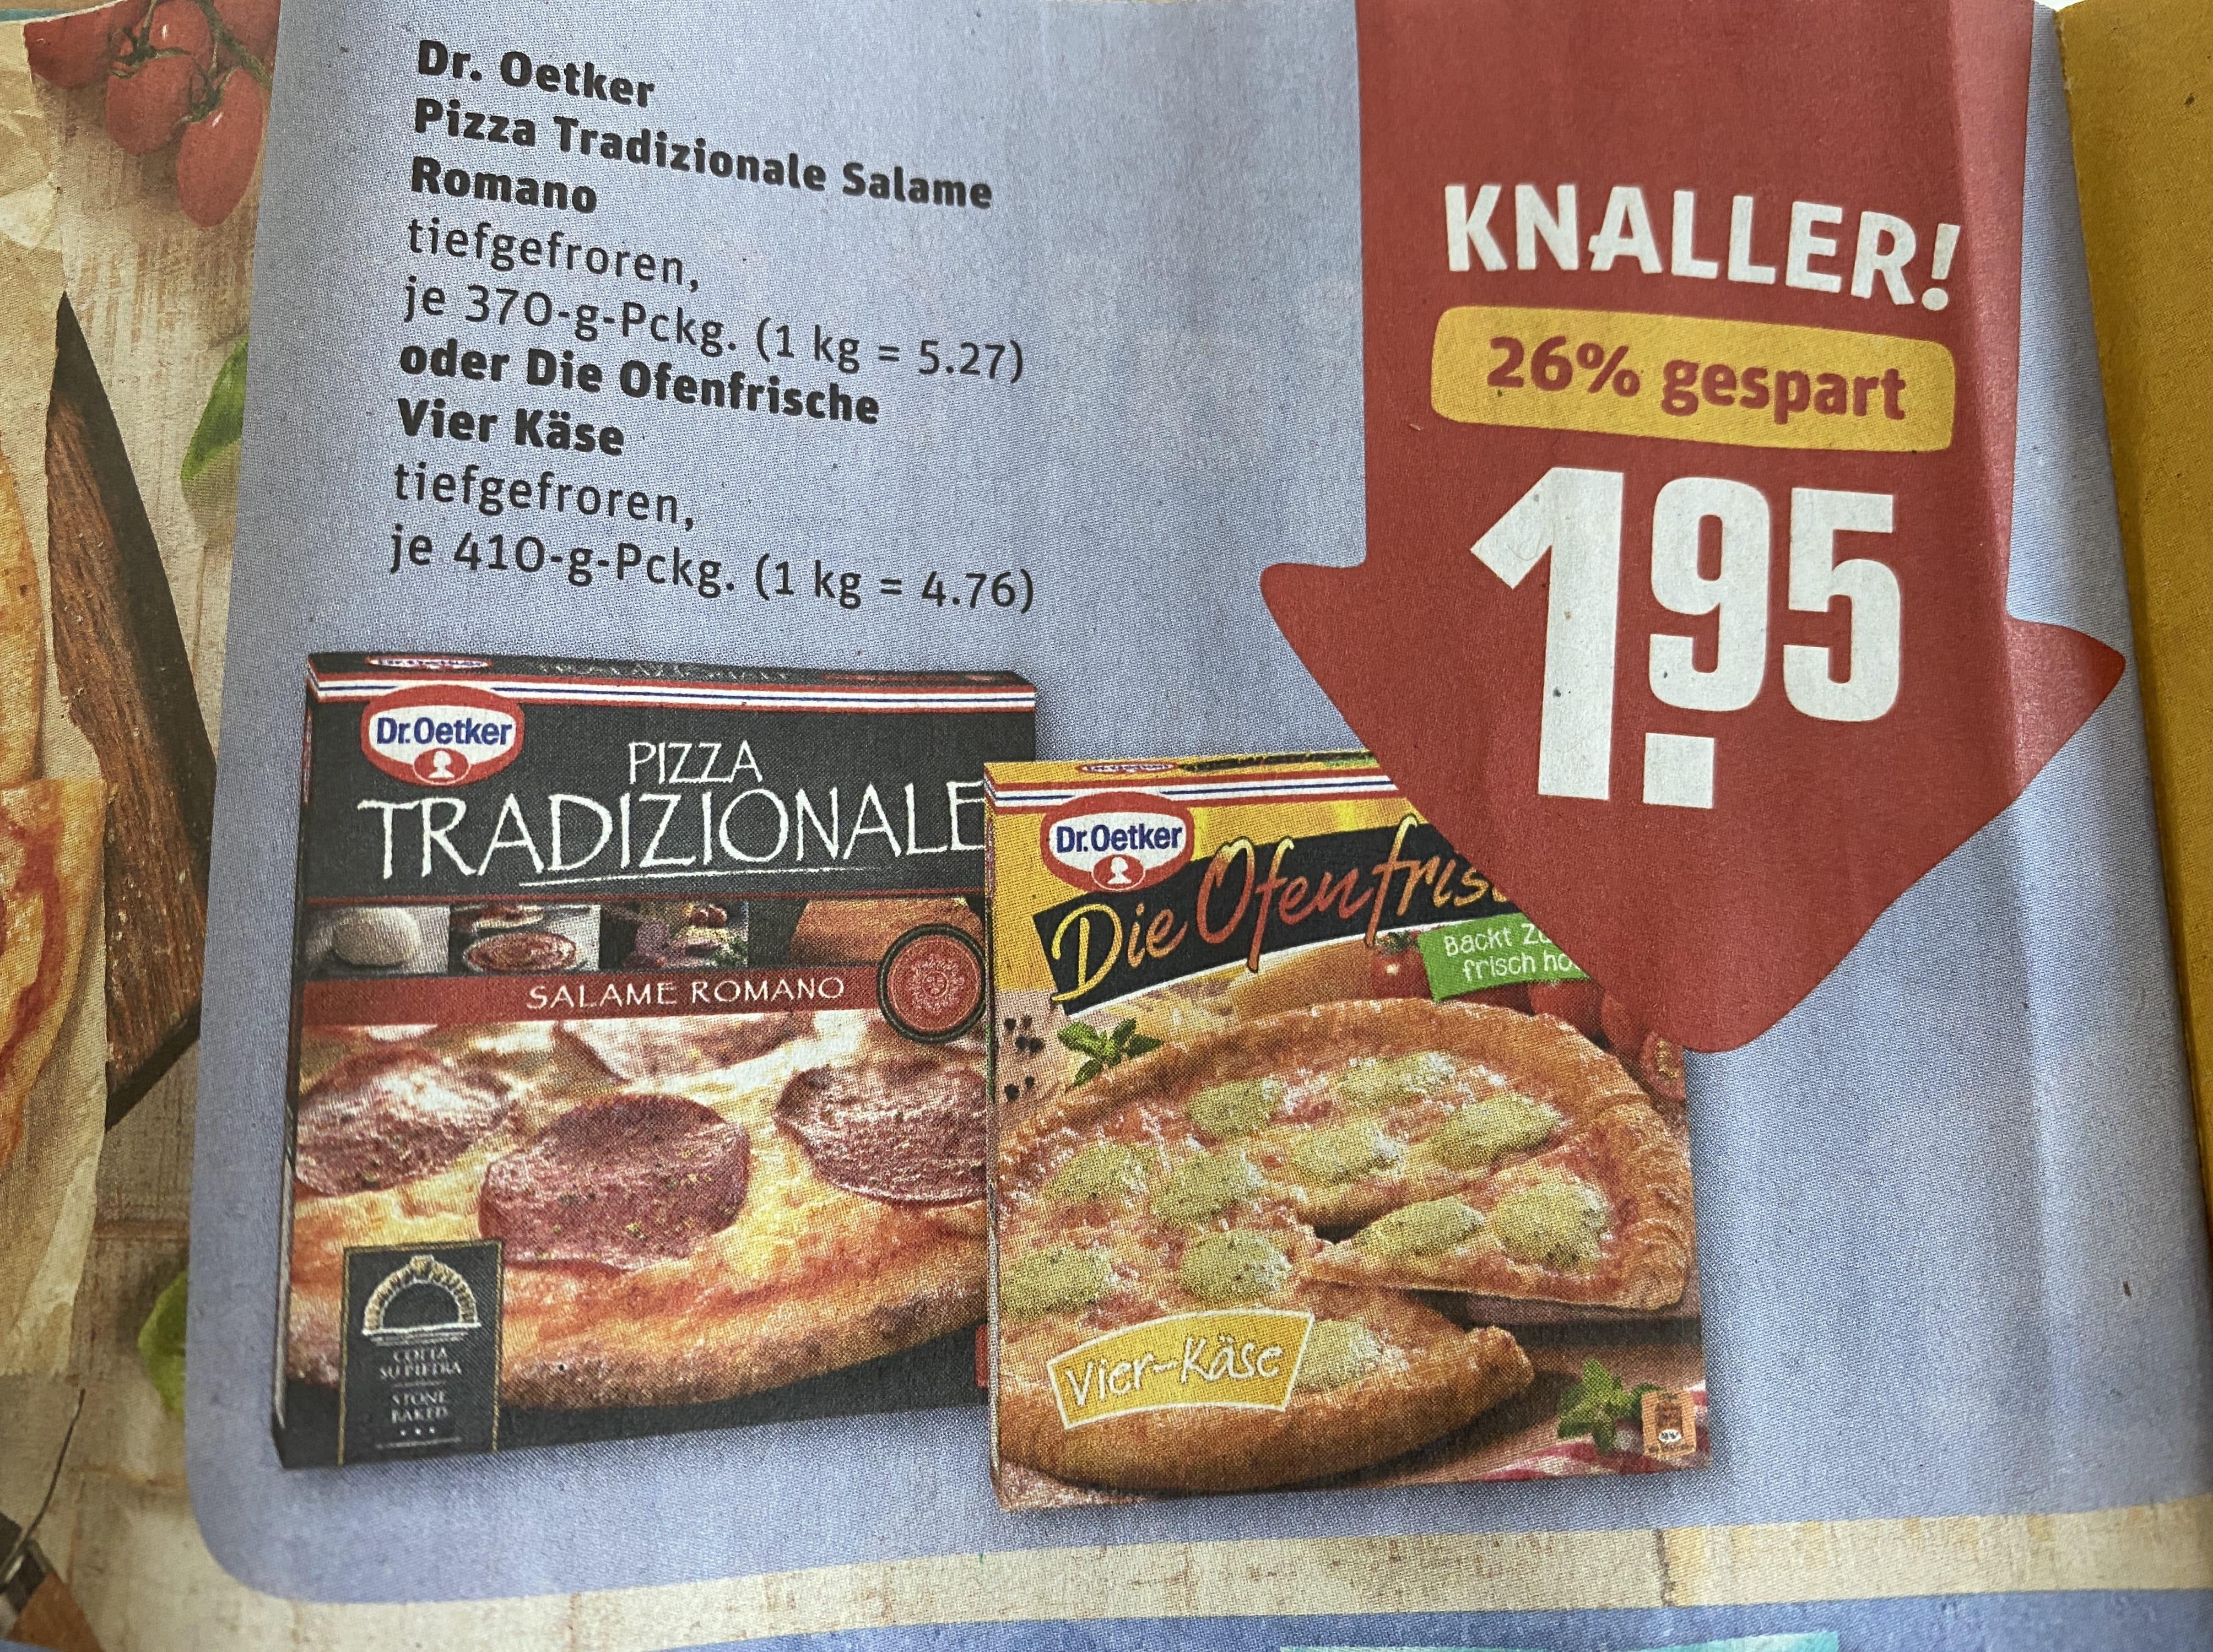 Dr. Oetker Traditionale und Die Ofenfrische bei Rewe im Angebot!